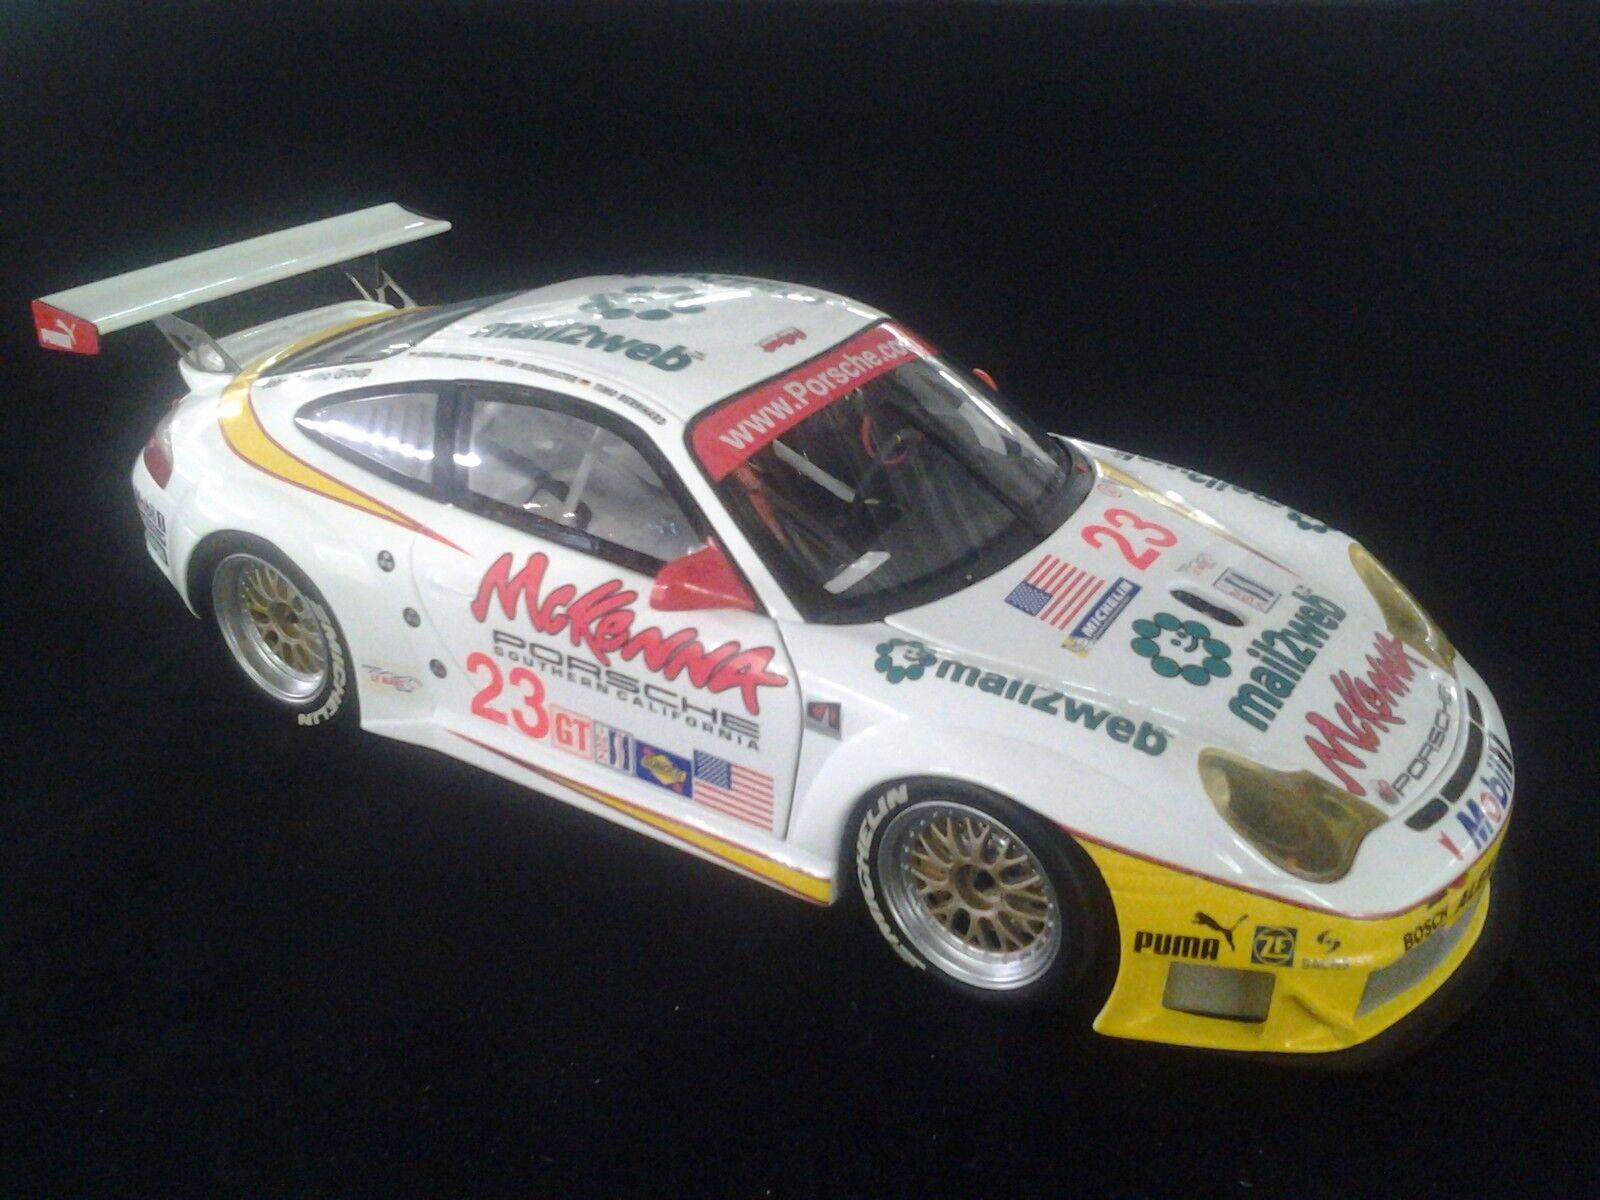 Minichamps Porsche 911 GT3-RSR 1 18  23 Bernhard   Bergmeister   Maassen (MCC)